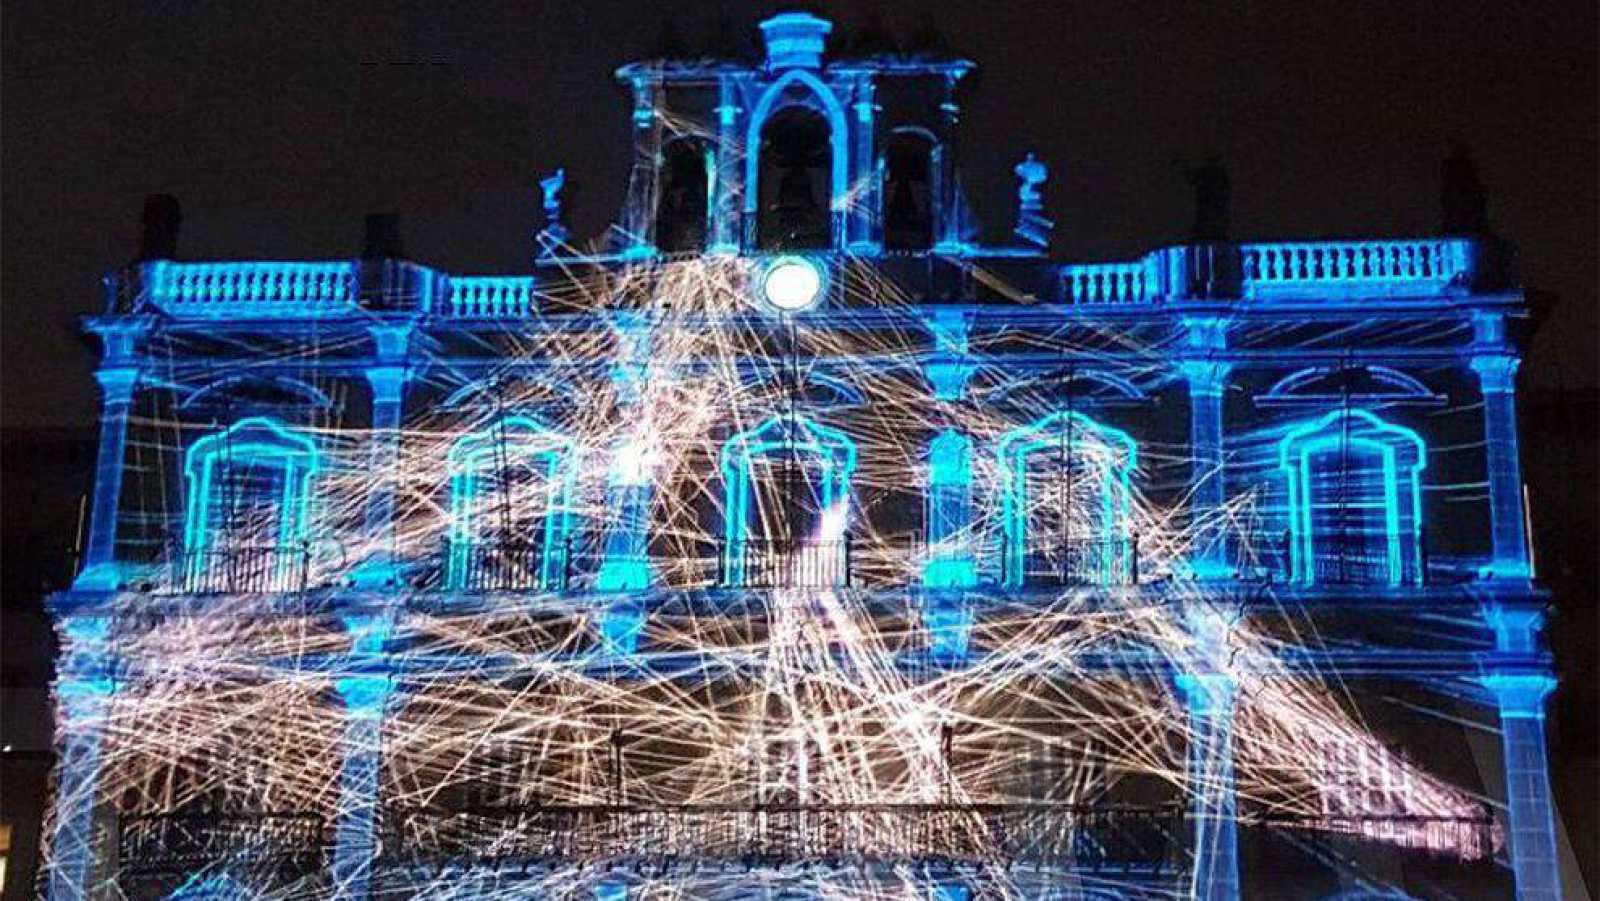 Punto de enlace - El Festival Luz y Vanguardias de Salamanca celebra su tercera edición - 22/05/18 - escuchar ahora